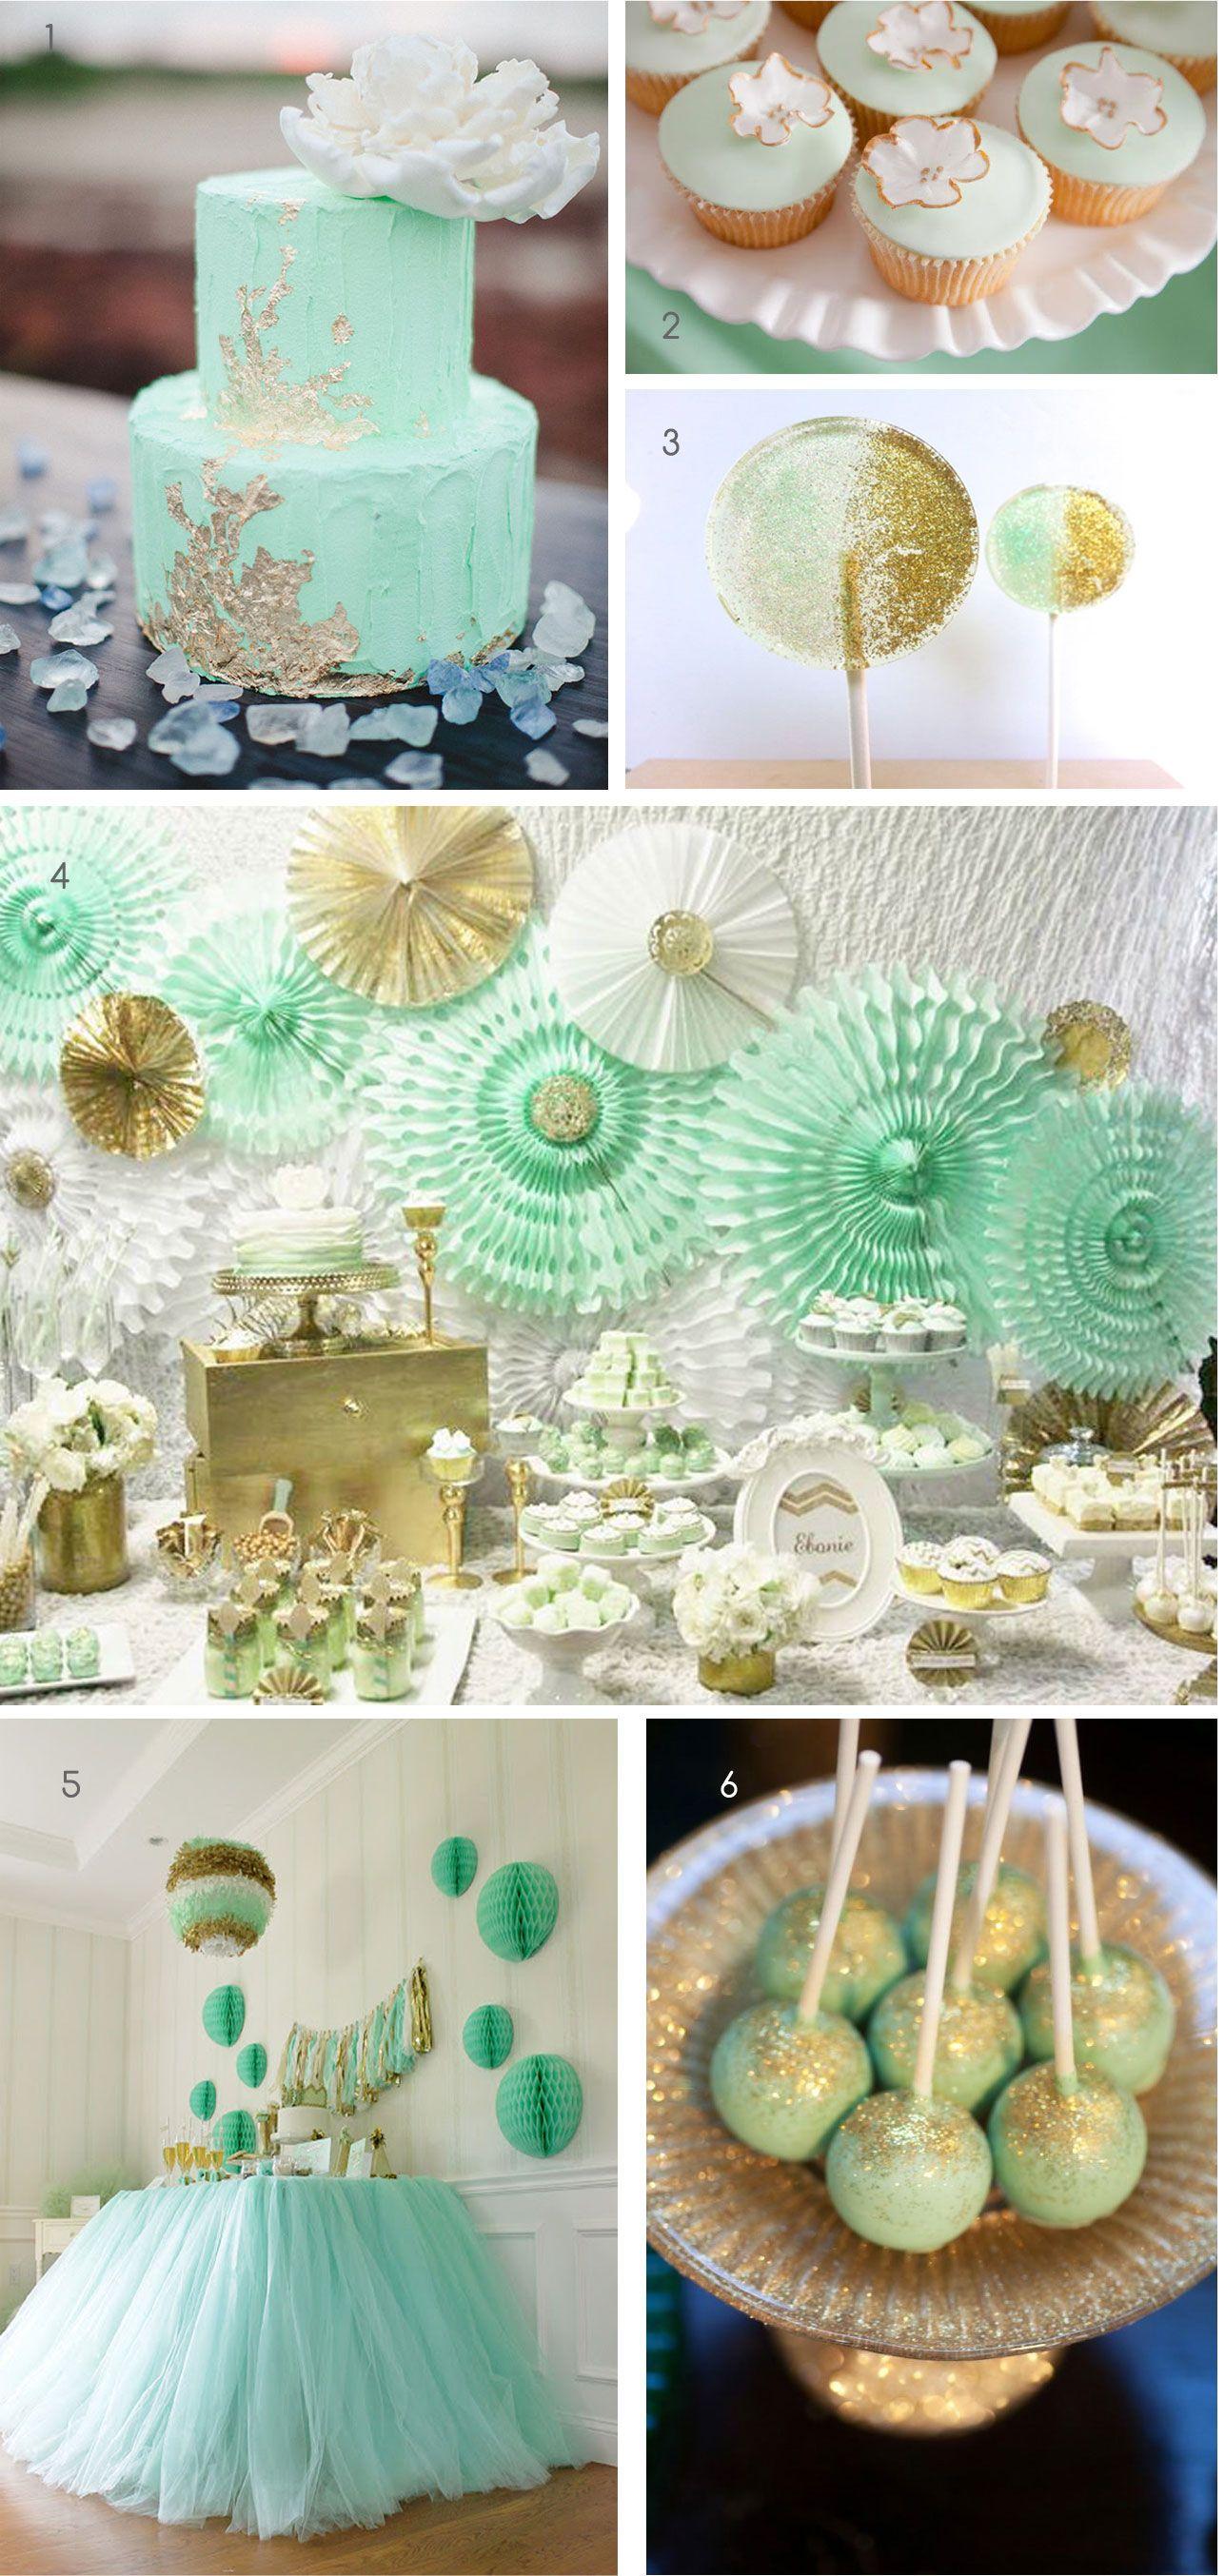 χρωματικοι συνδυασμοι για παρτι πράσινο της μεντας και χρυσο